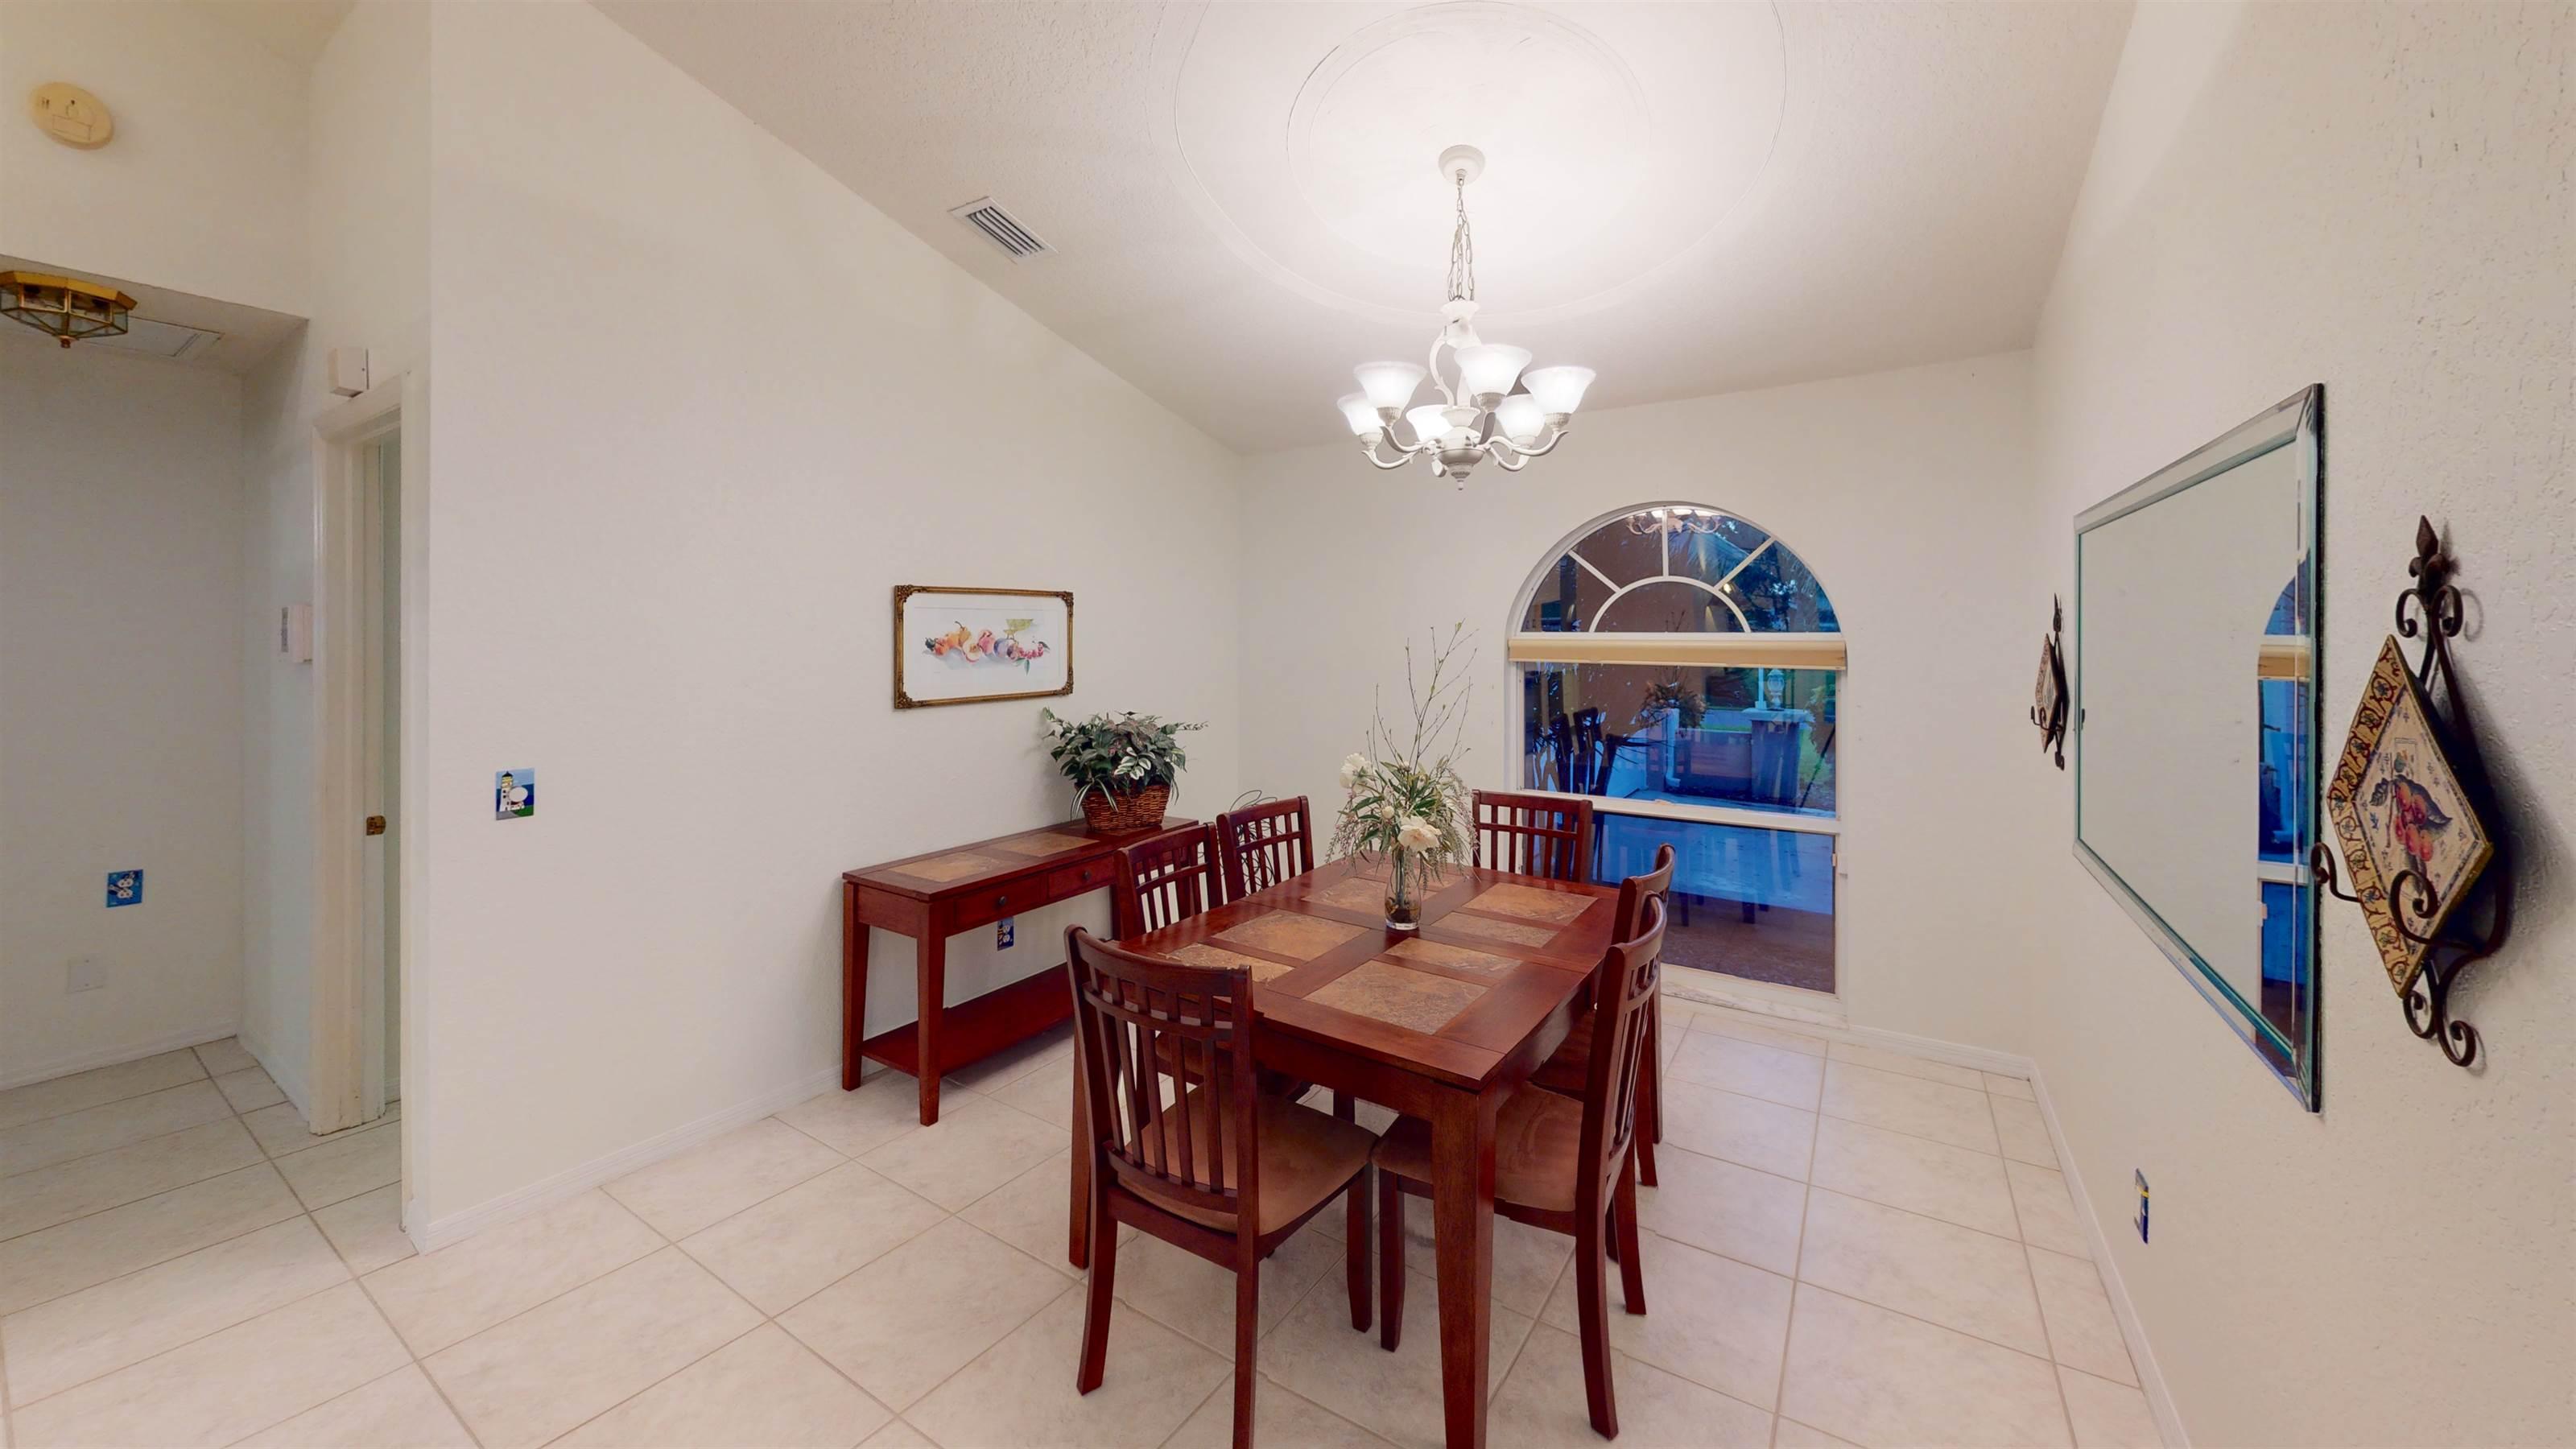 2027 SE 21st St, Cape Coral, FL 33990